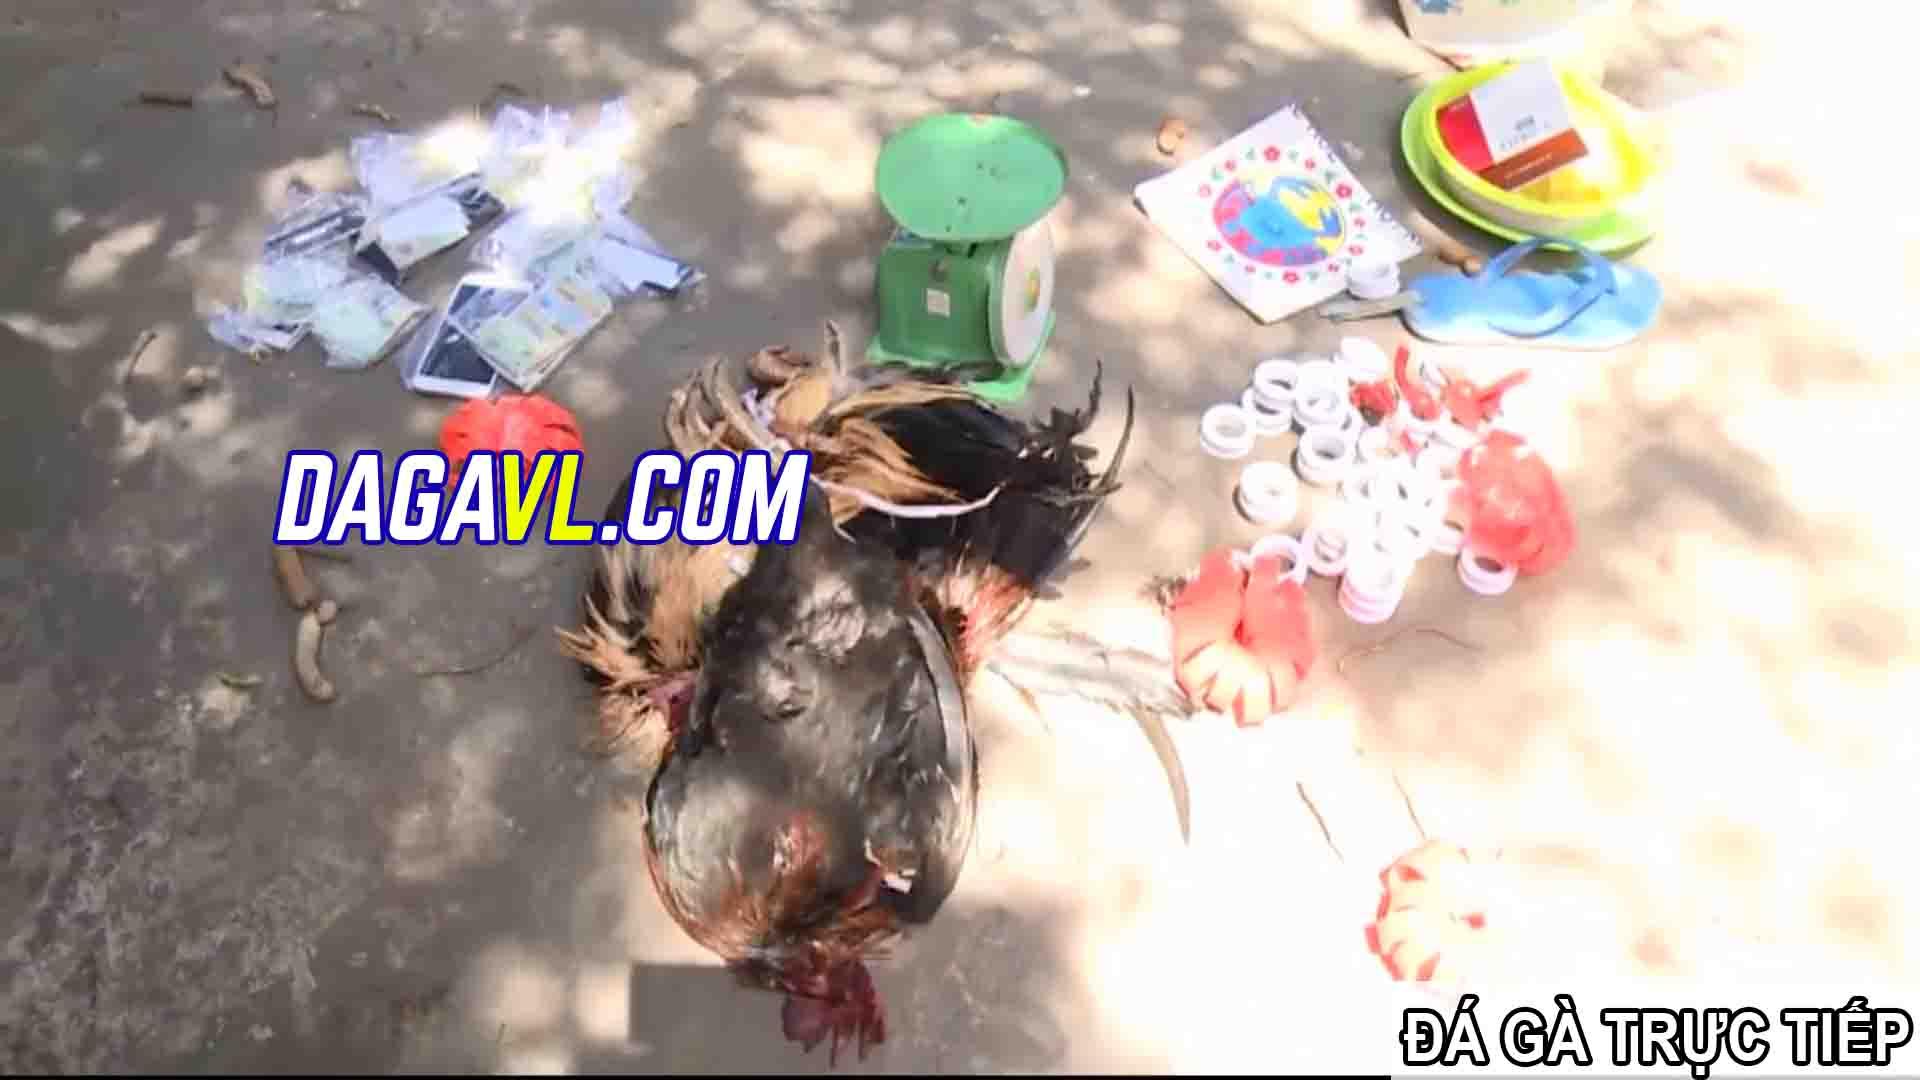 DAGAVL.COM - đá gà trực tiếp. Tang vật bắt 10 đối tượng đá gà ăn tiền tại Thạnh Phú